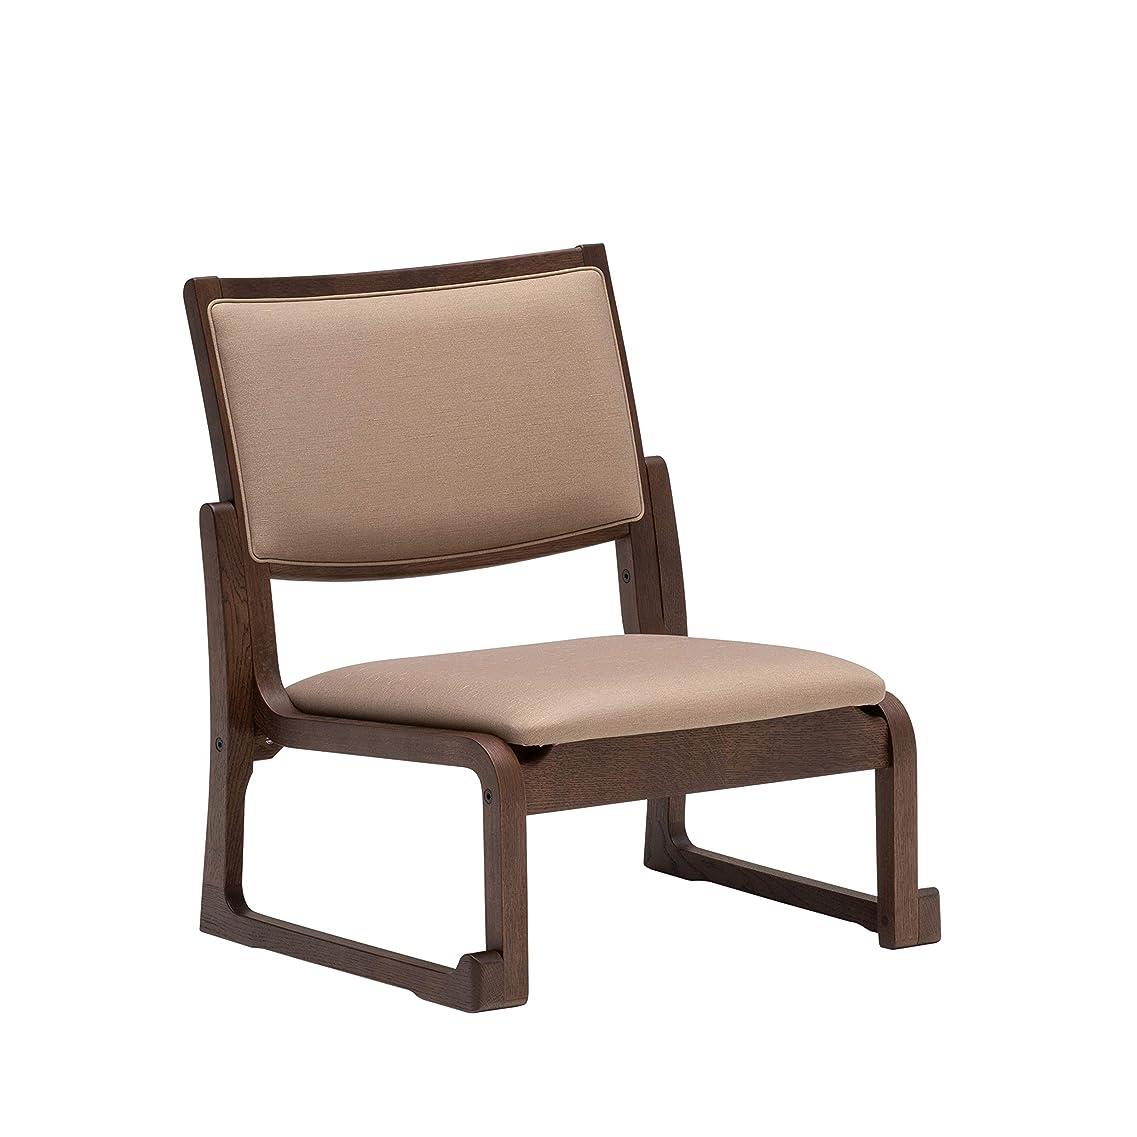 便利さ支払いさびた【カリモク正規品】 高座椅子 (低め) モカブラウン カリモク karimoku 立ち上がり サポート 座椅子 CS4607AKK